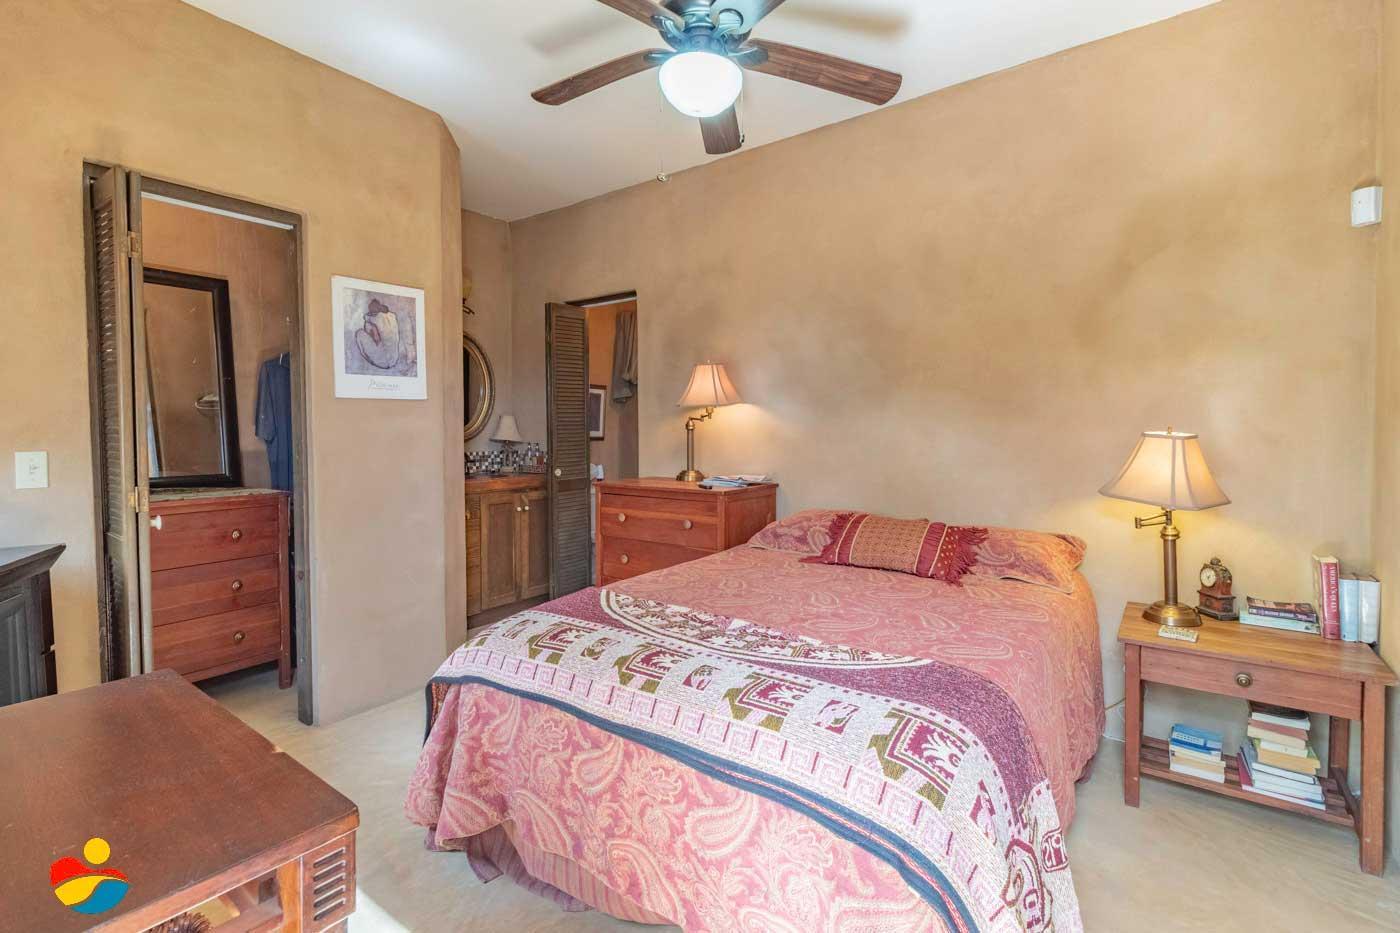 Pacific, 3 Bedrooms Bedrooms, 5 Rooms Rooms,2 BathroomsBathrooms,Condo,For Sale,Calle sin Nombre,19-624